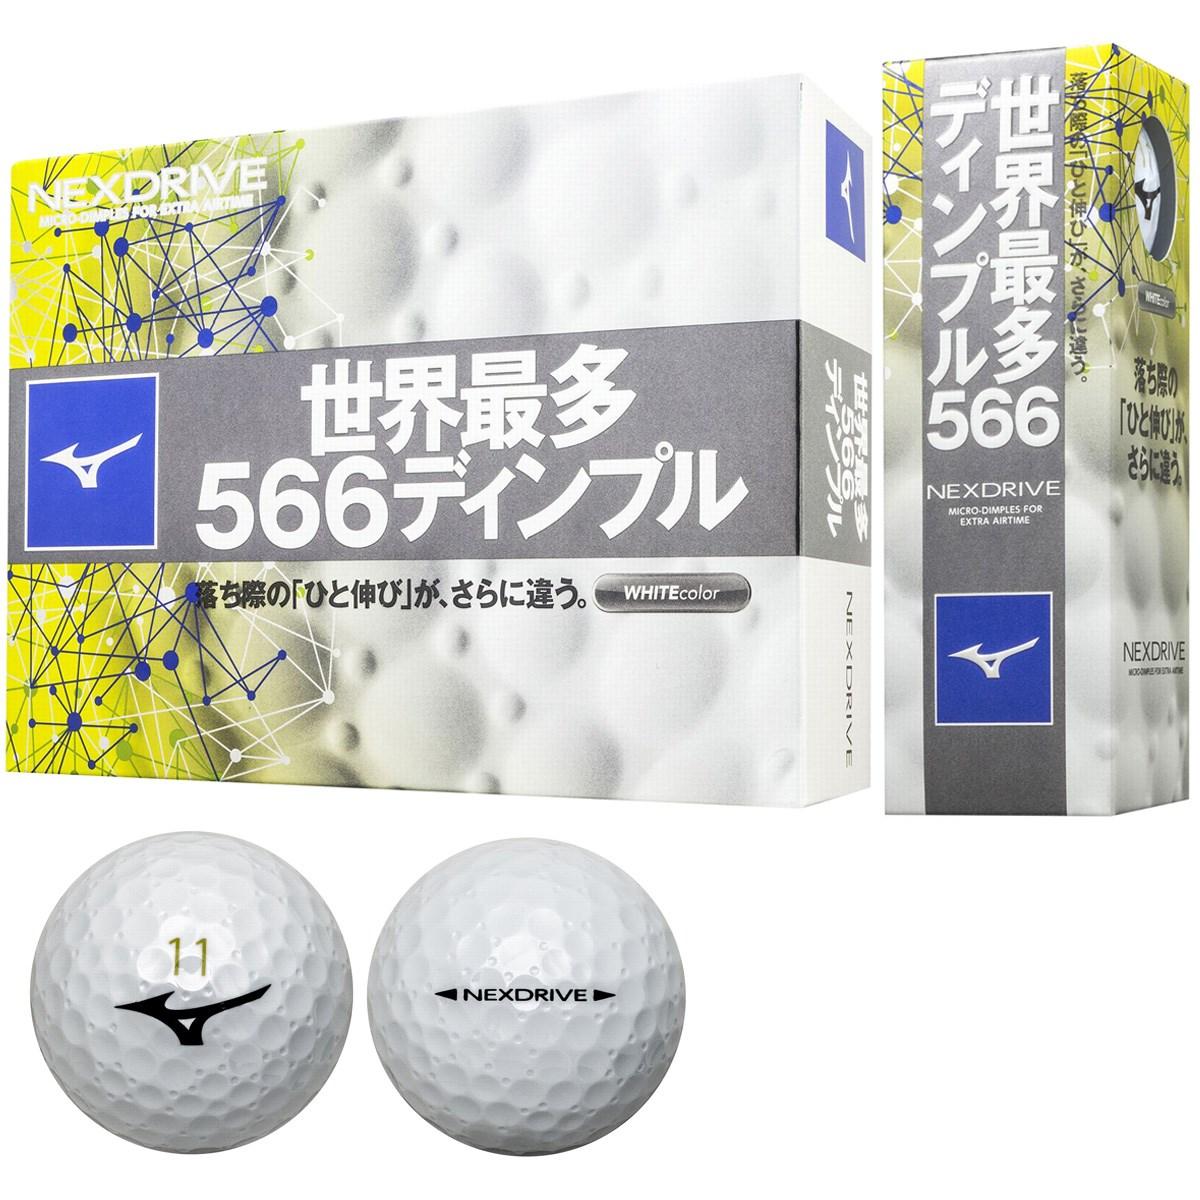 ミズノ MIZUNO ネクスドライブ ボール 1ダース(12個入り) ホワイト